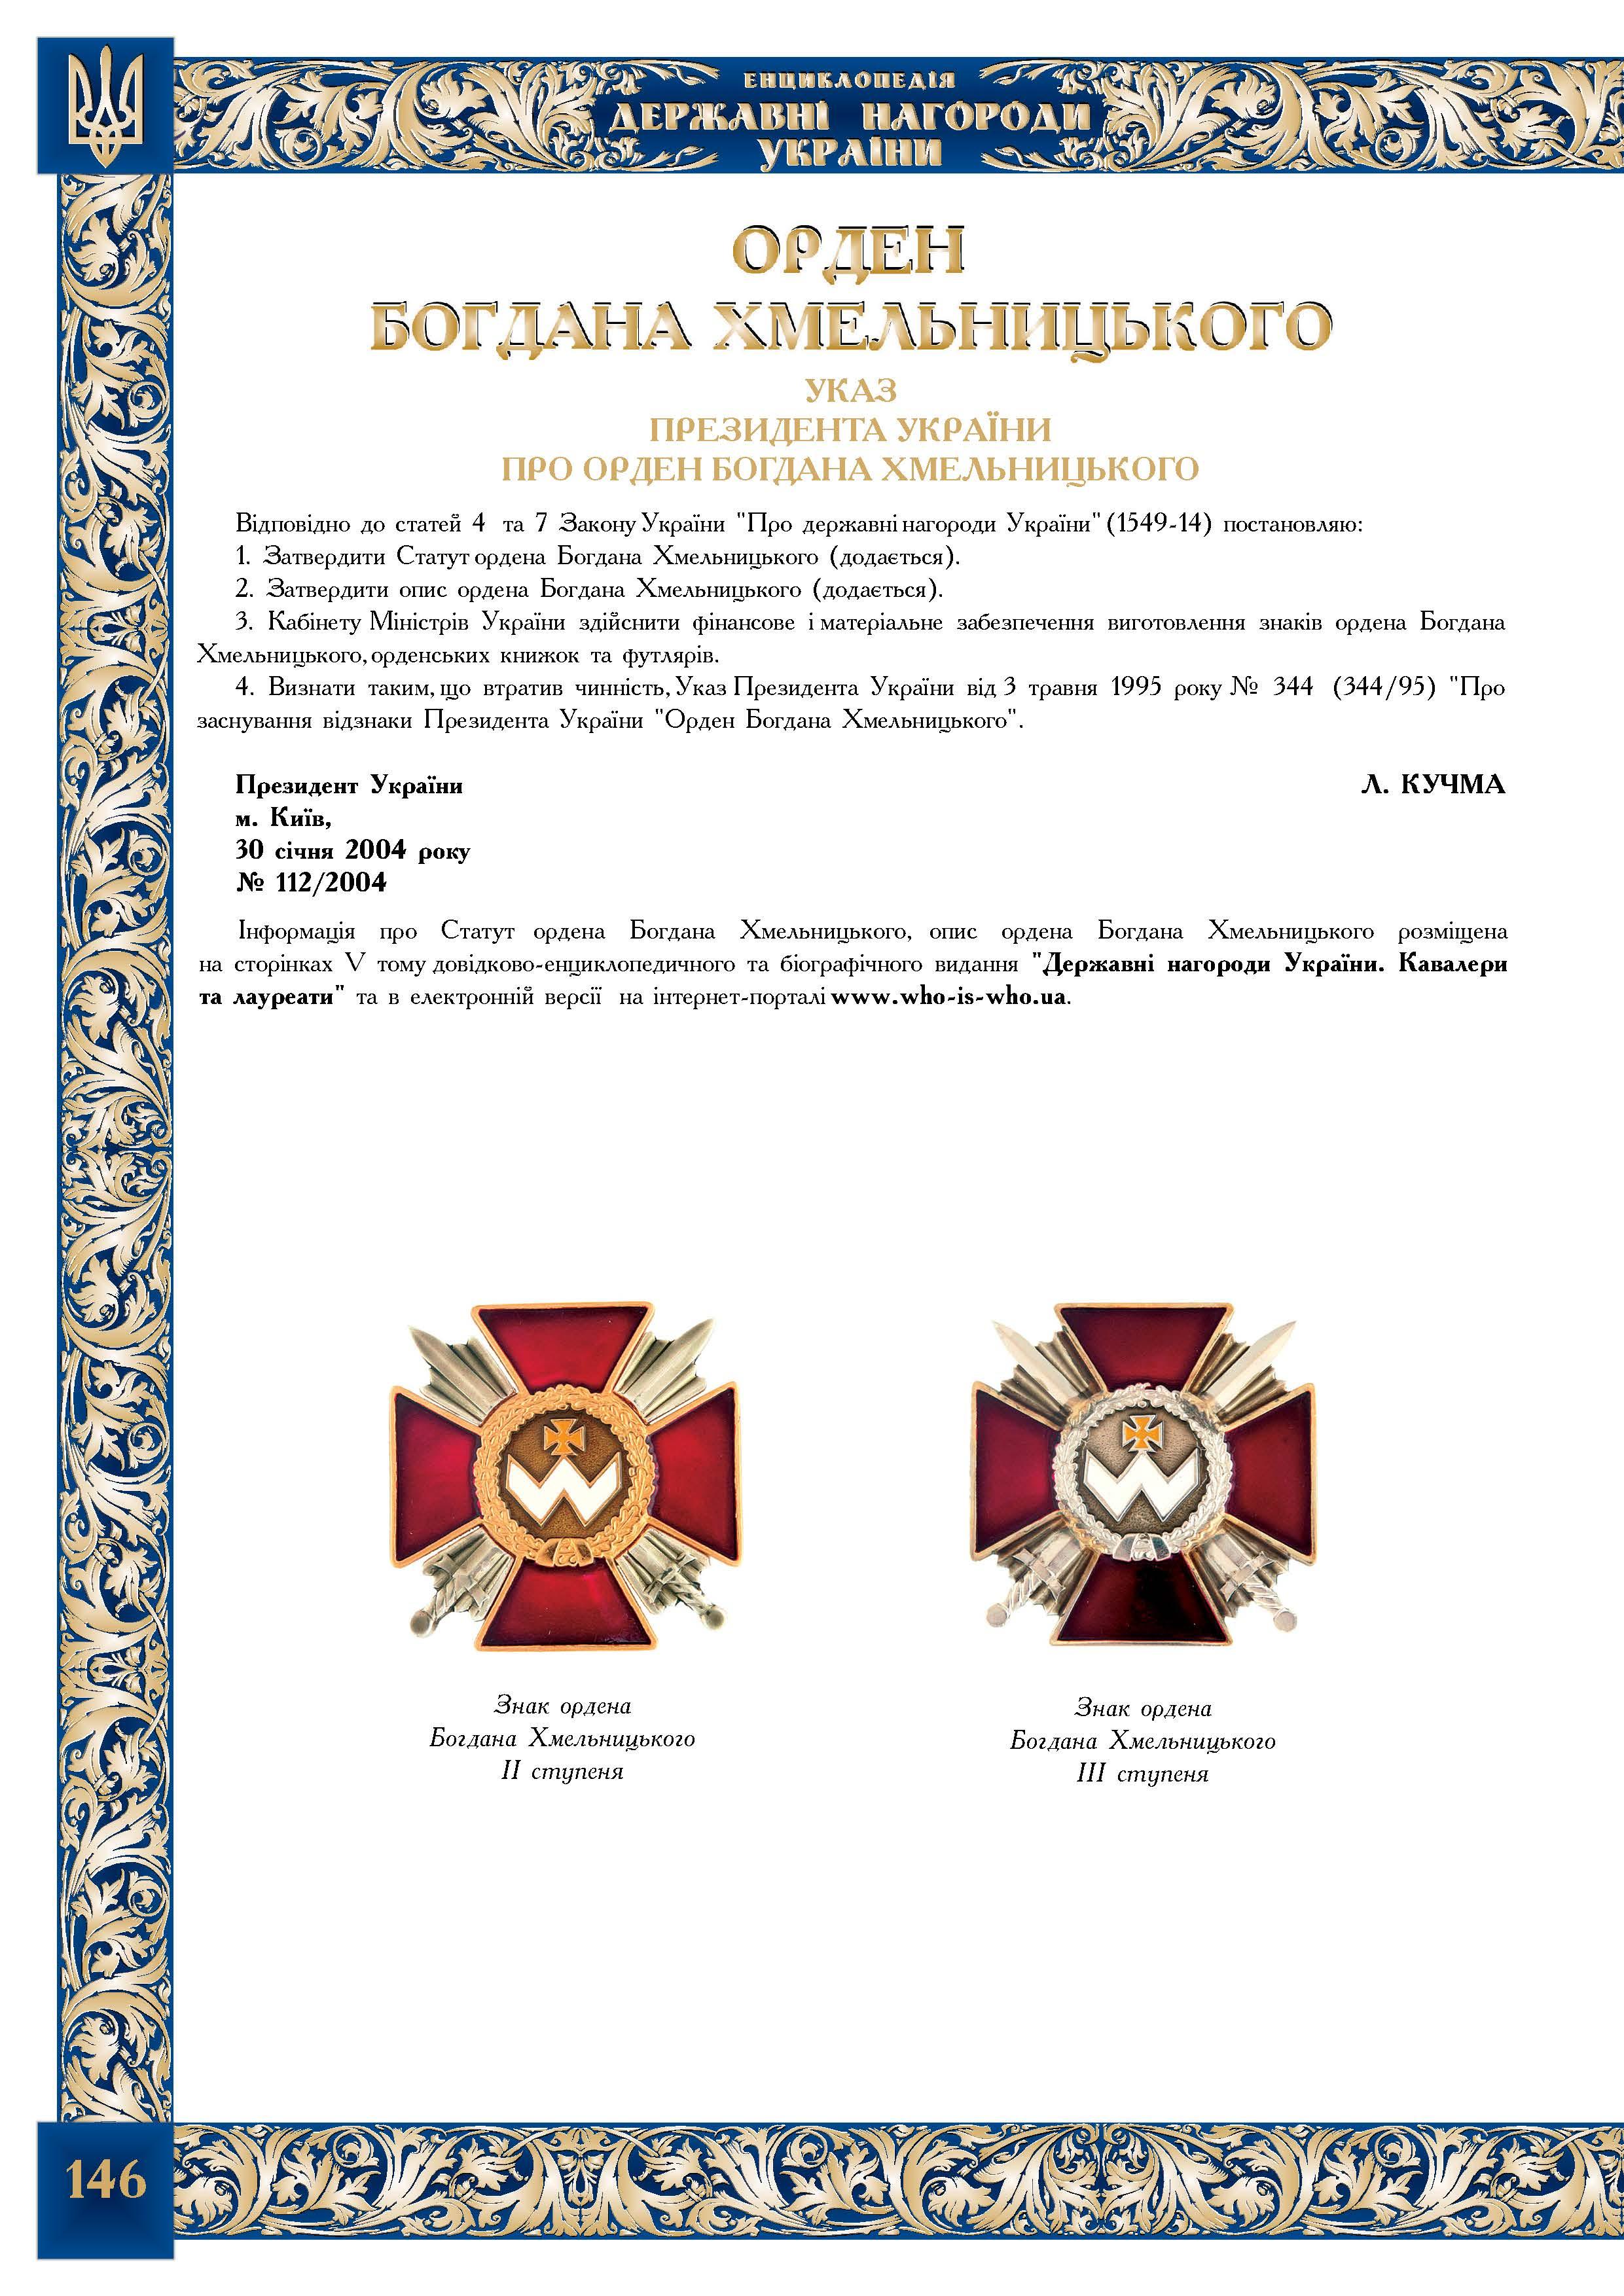 Орден Богдана Хмельницького